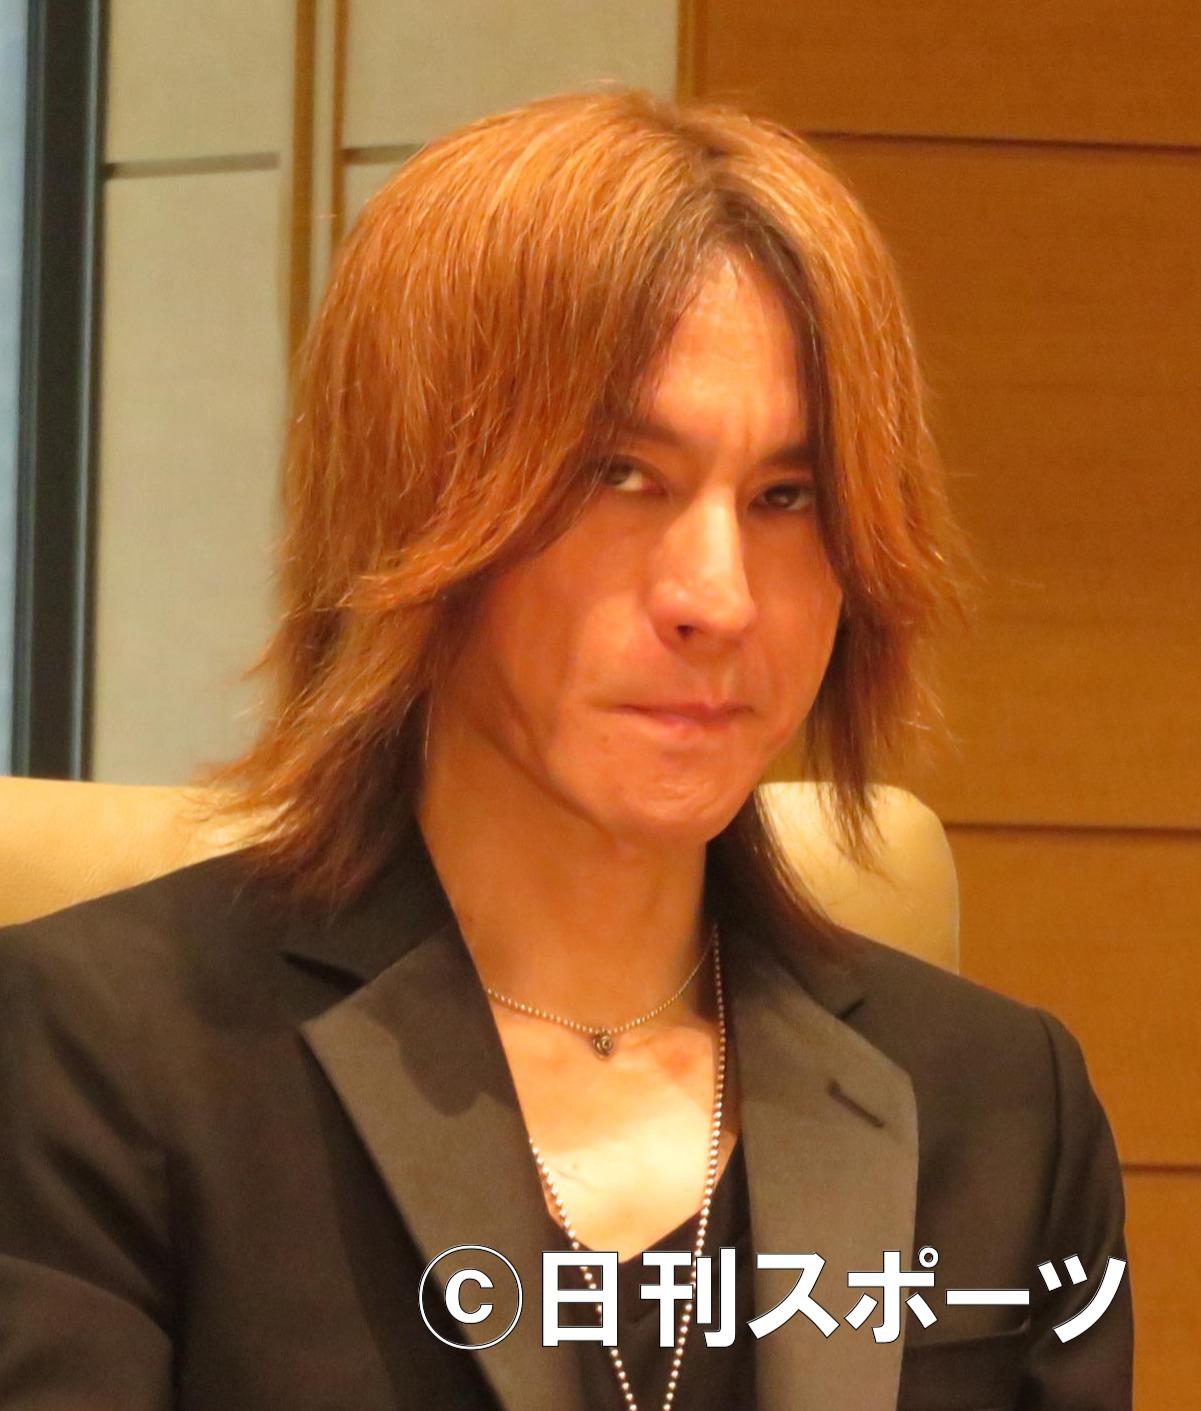 SUGIZO(17年5月撮影)